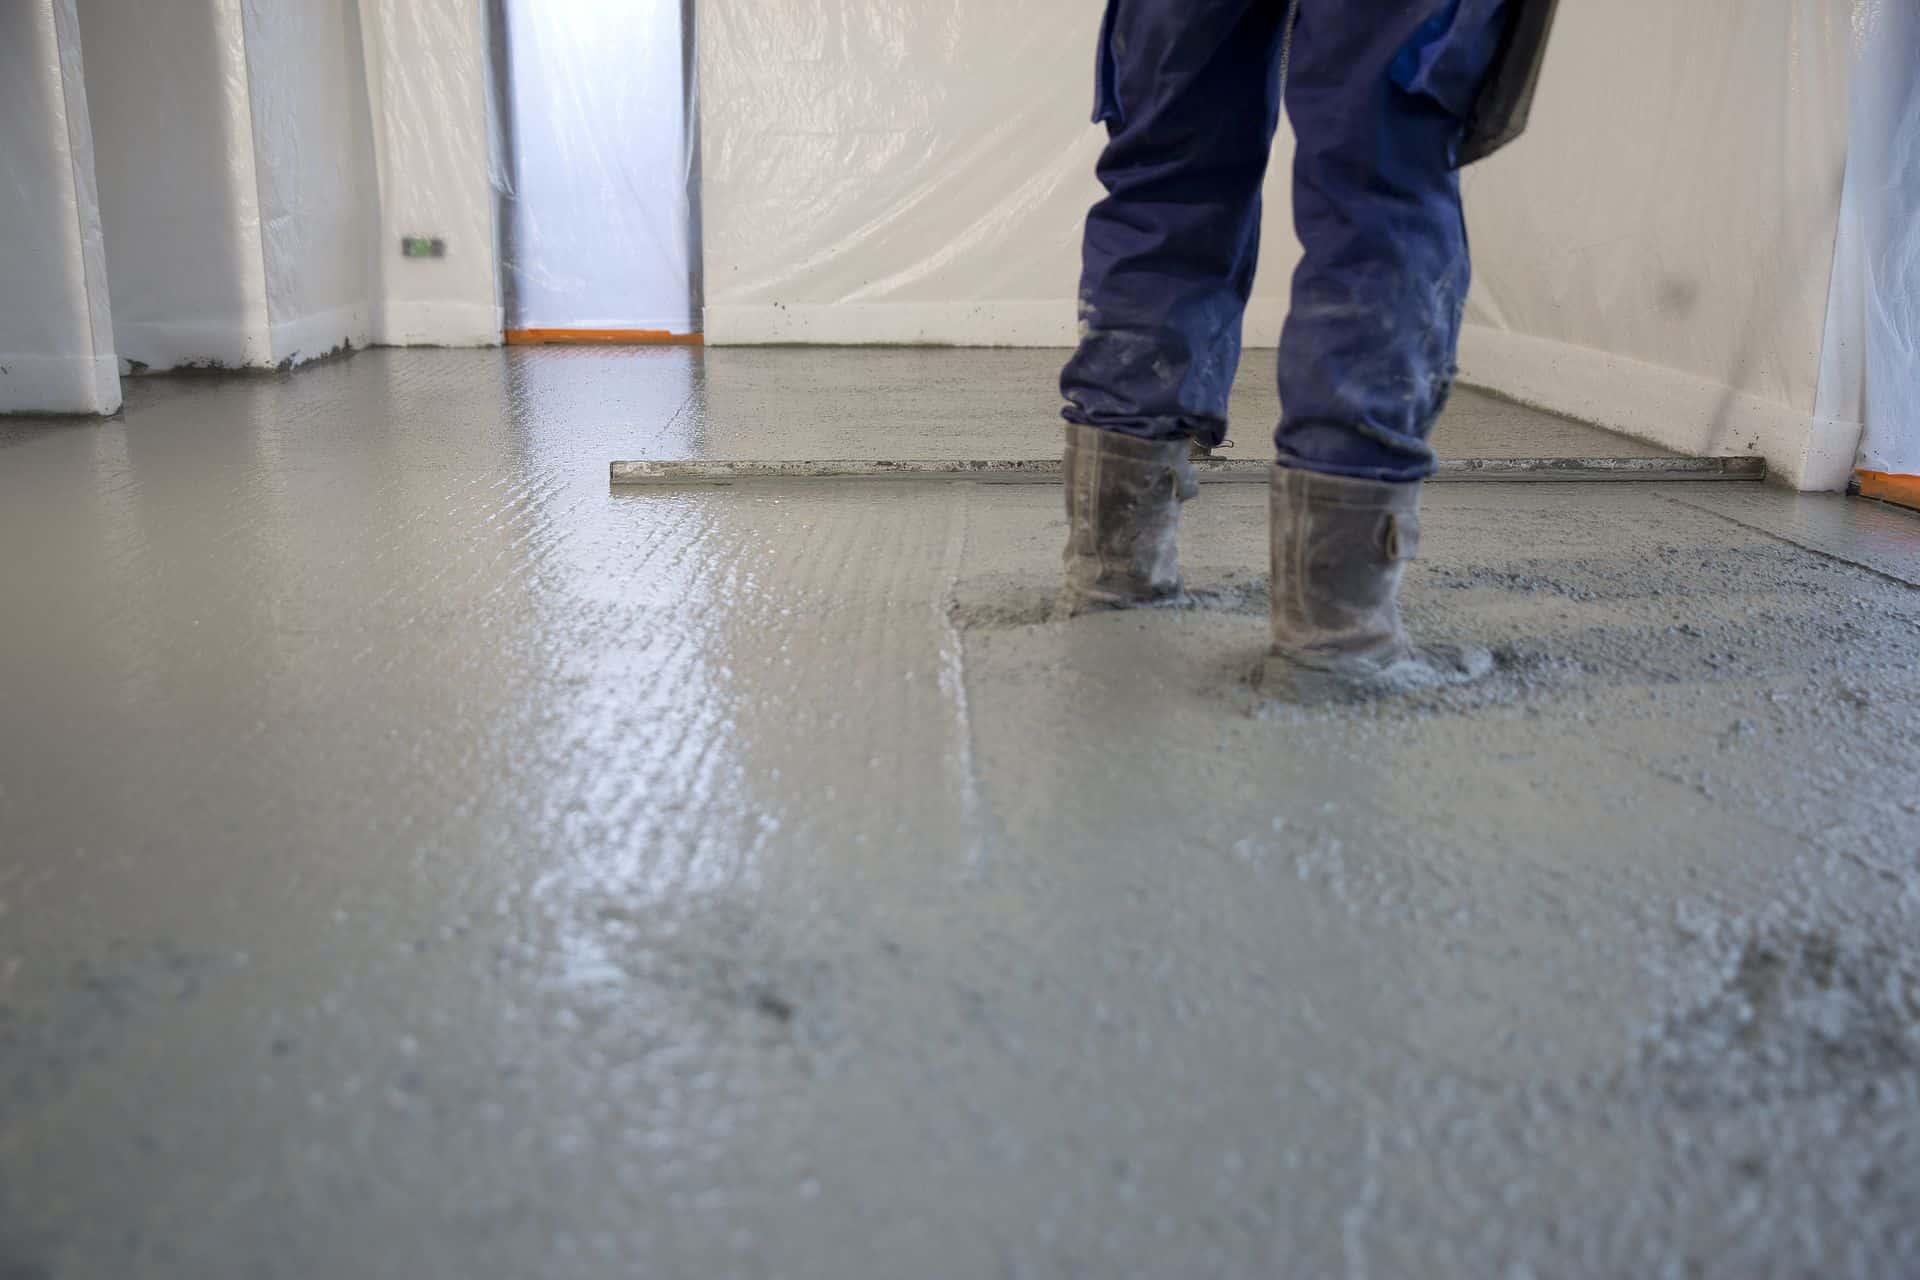 gevlinderde vloer, proces gevlinderde vloer